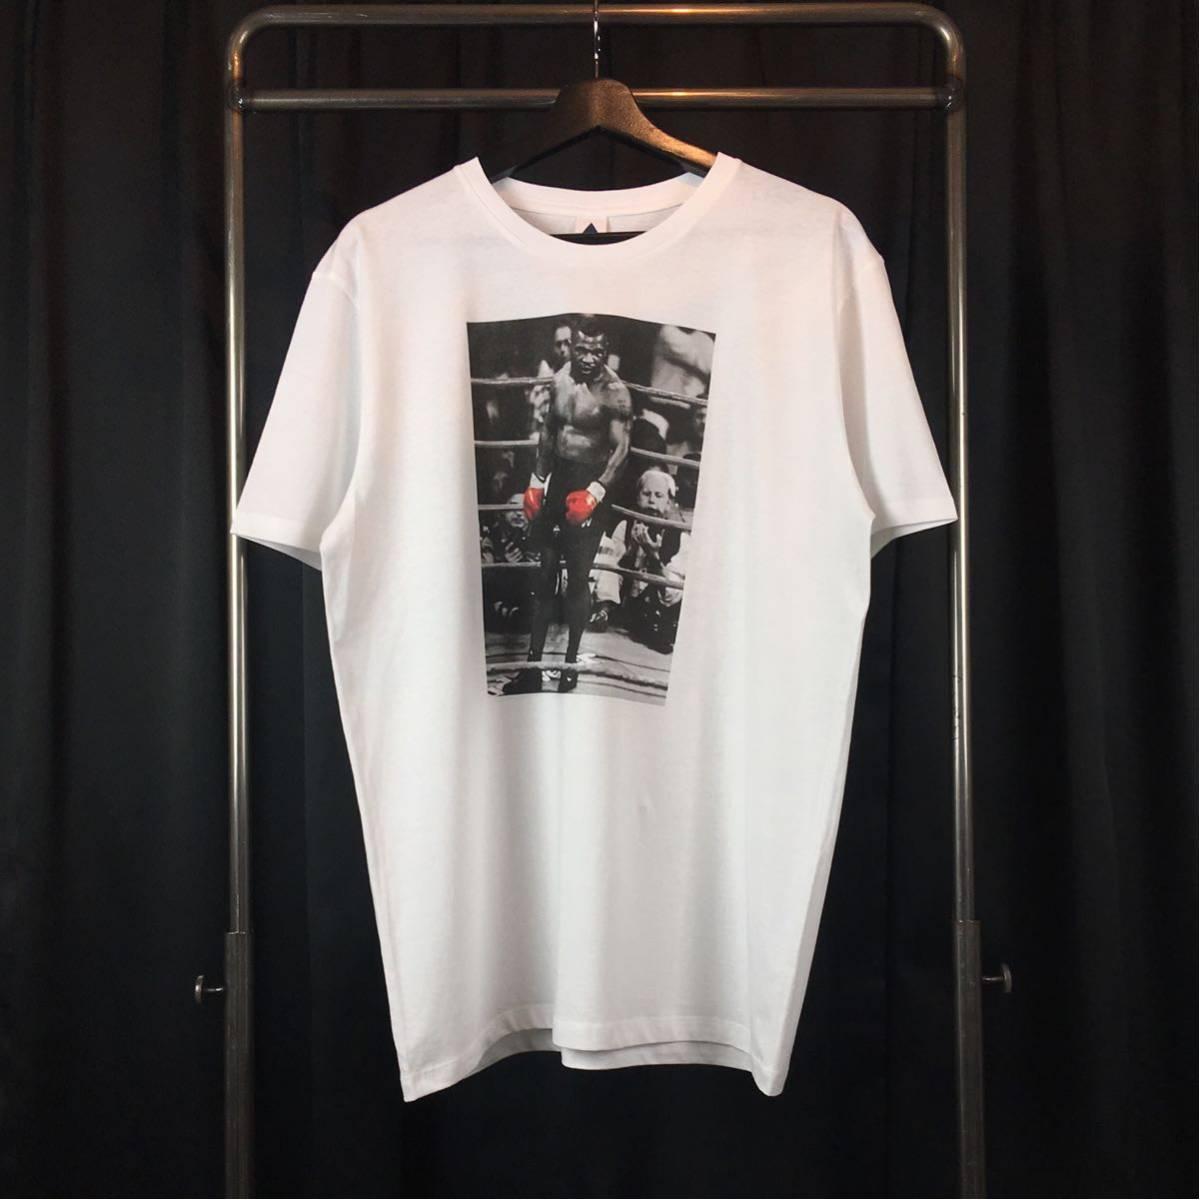 新品 マイクタイソン Tシャツ S M L XL ボクシング モハメドアリ 大きい ビッグ オーバー サイズ XXL 3XL 4XL 5XL ロンT 長袖 黒 対応 可能_画像4